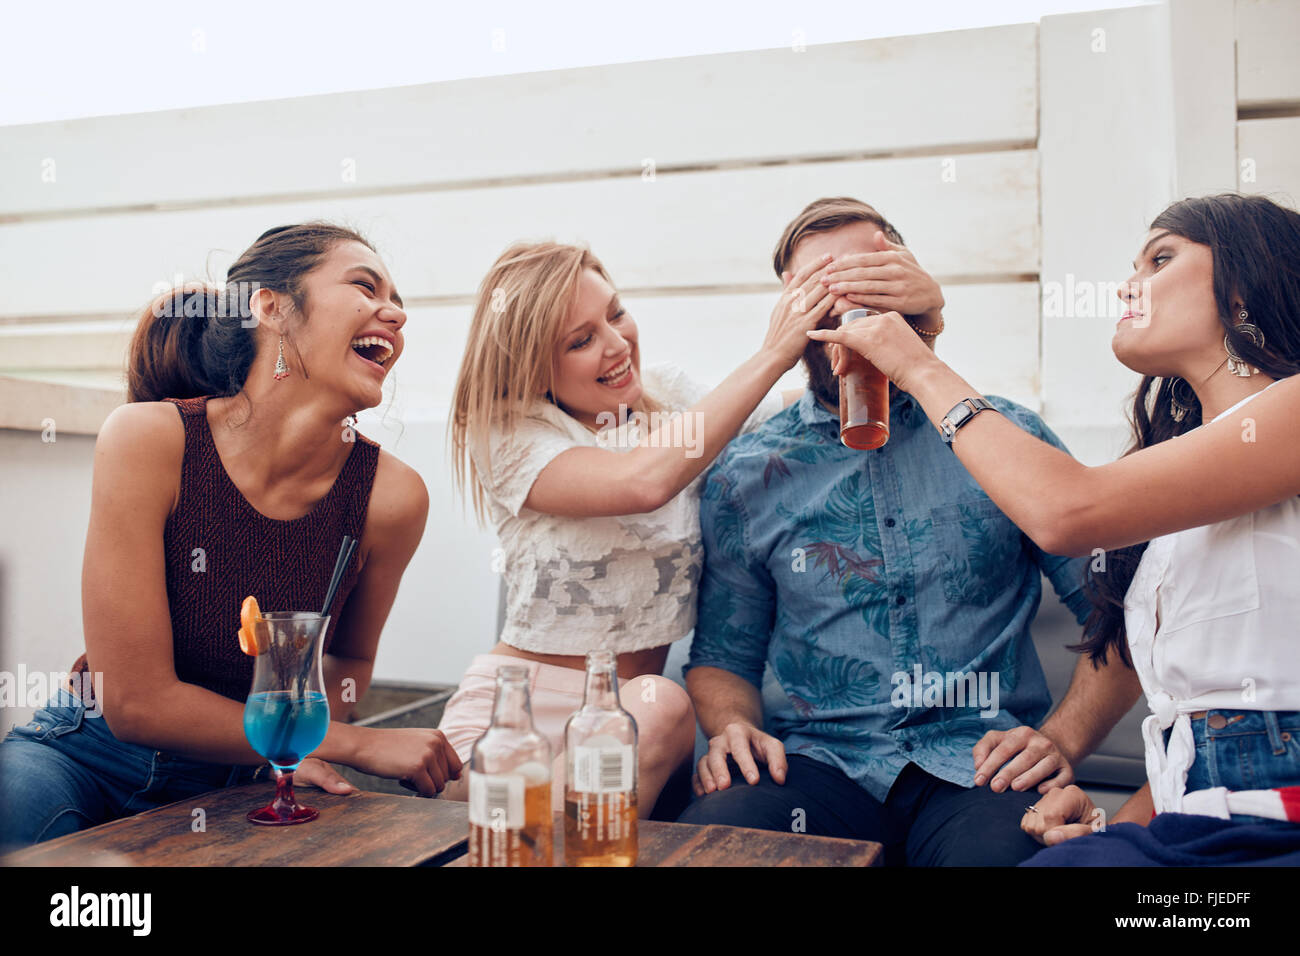 Foto de jóvenes amigos sentados juntos disfrutando de partido. Mujer cerrando los ojos de un hombre con otro Imagen De Stock